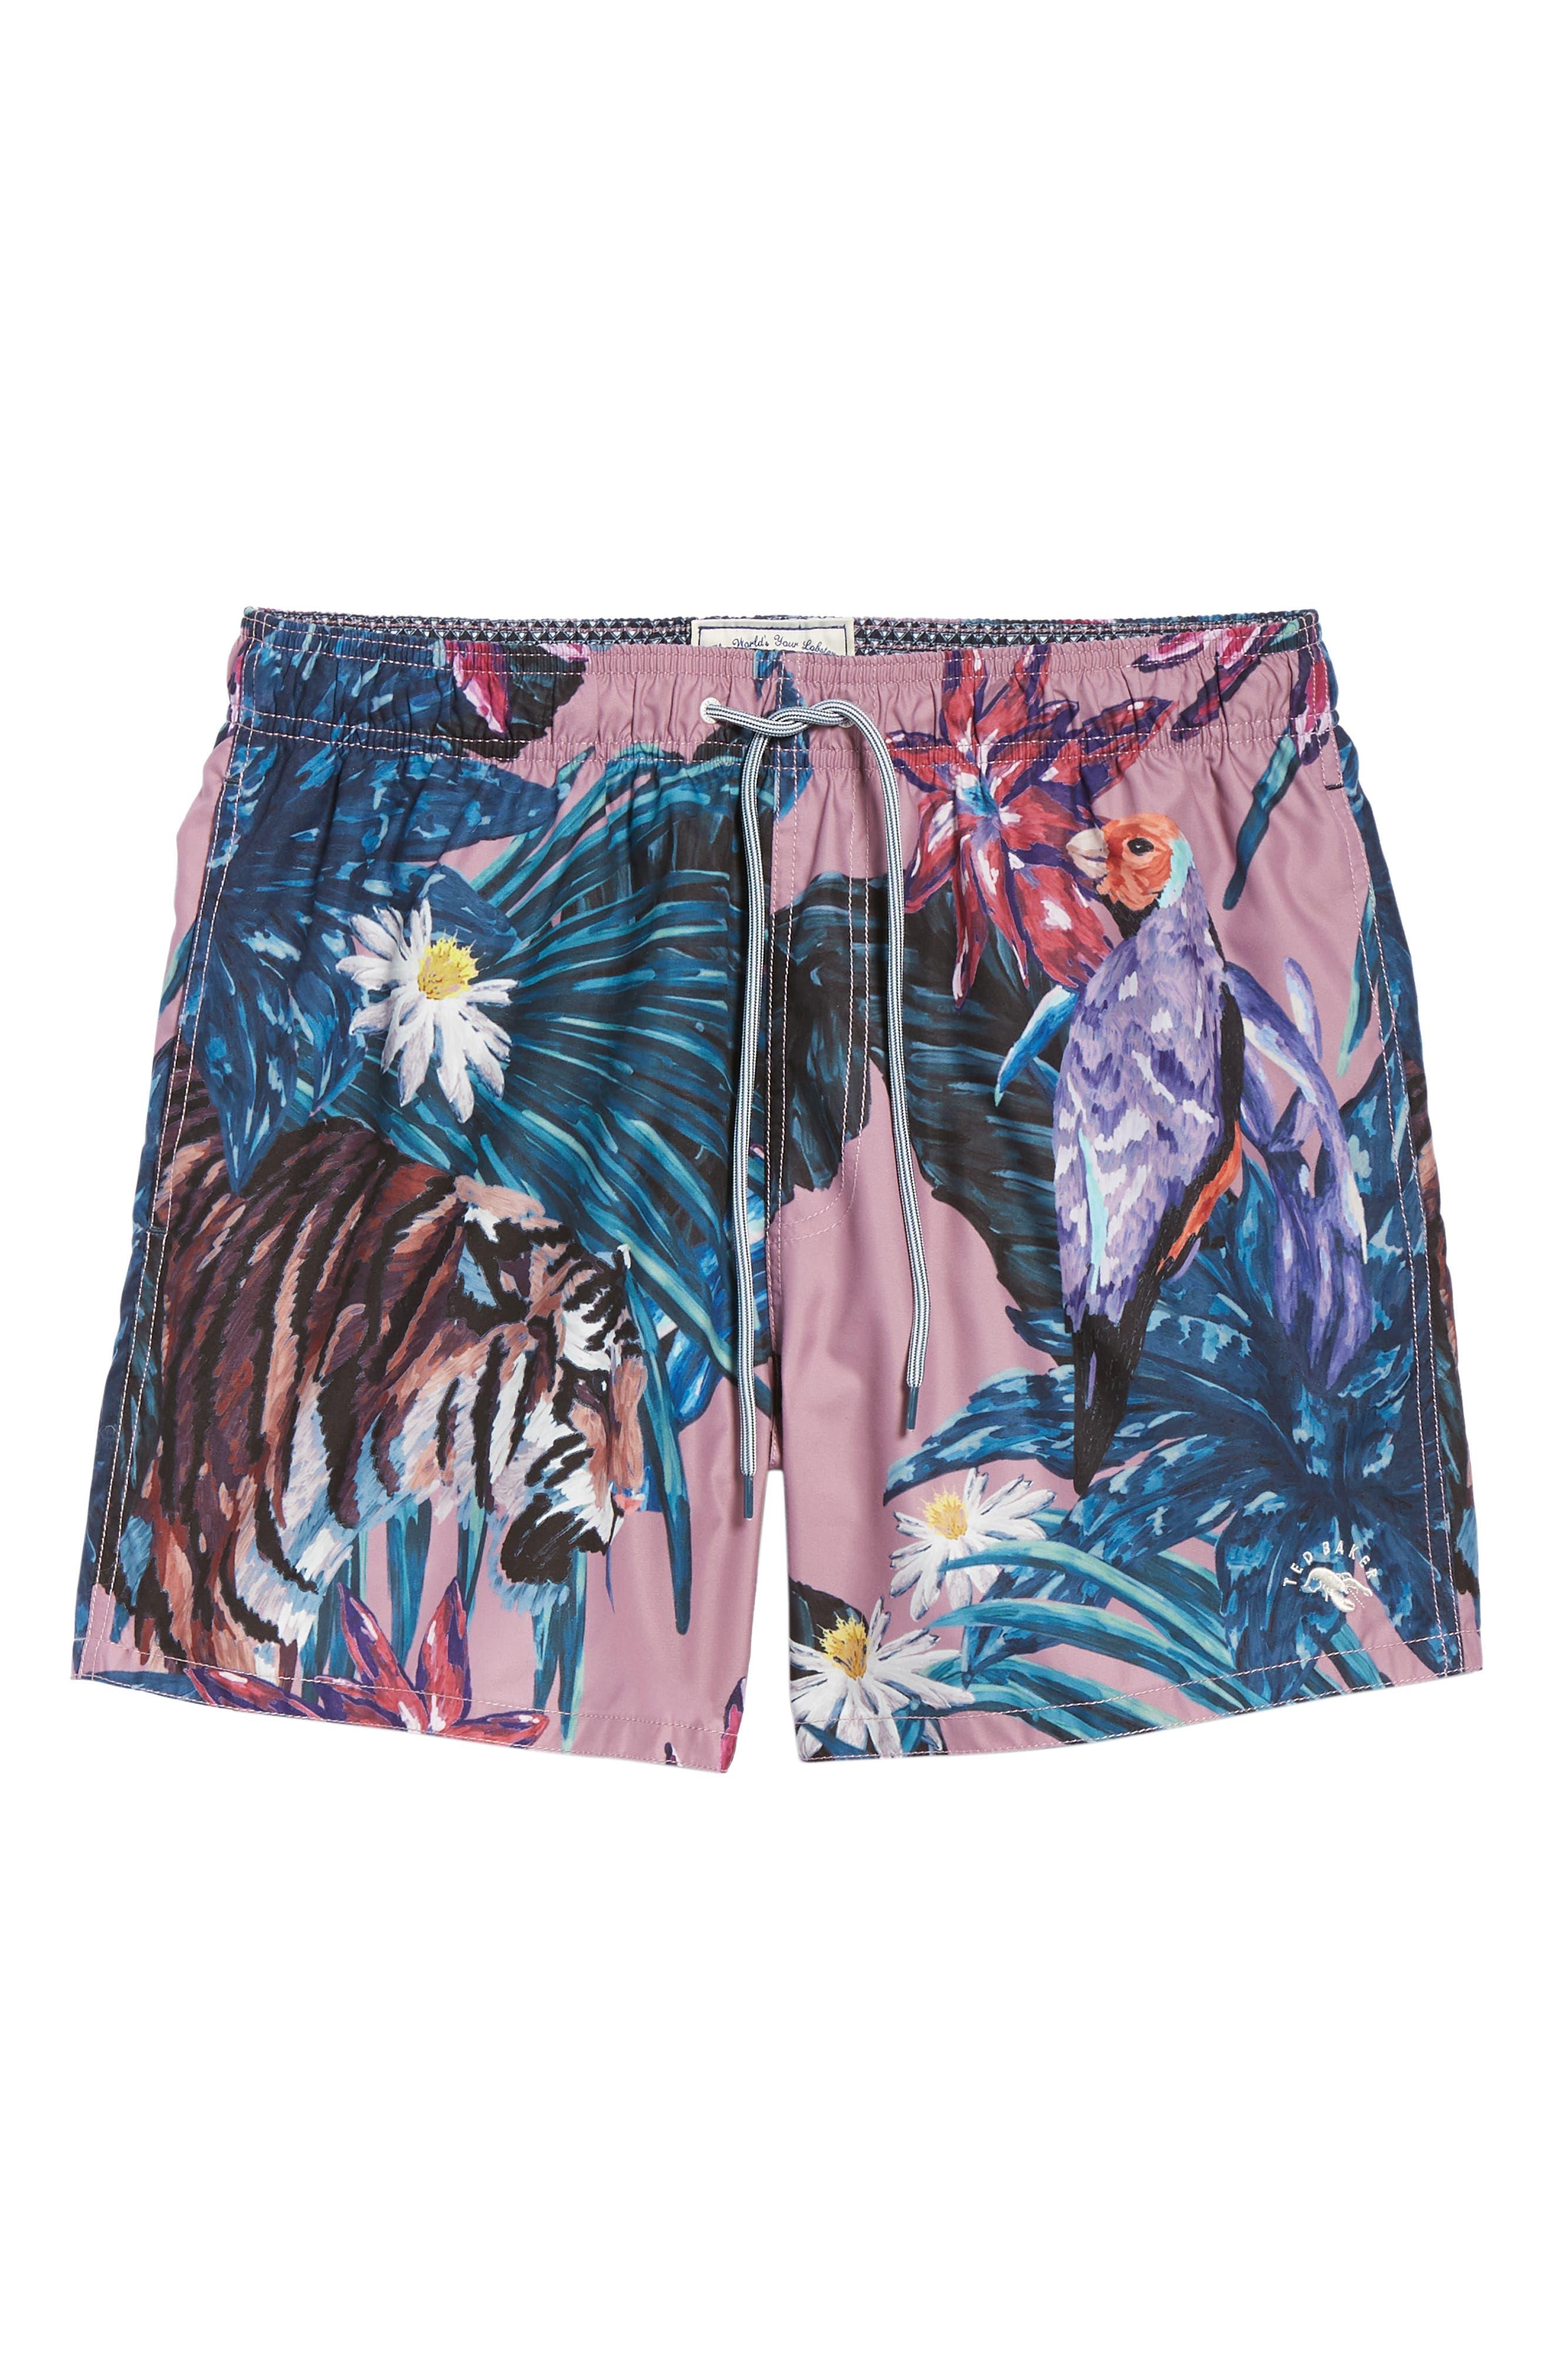 Nemo Tiger Print Swim Shorts,                             Alternate thumbnail 6, color,                             660